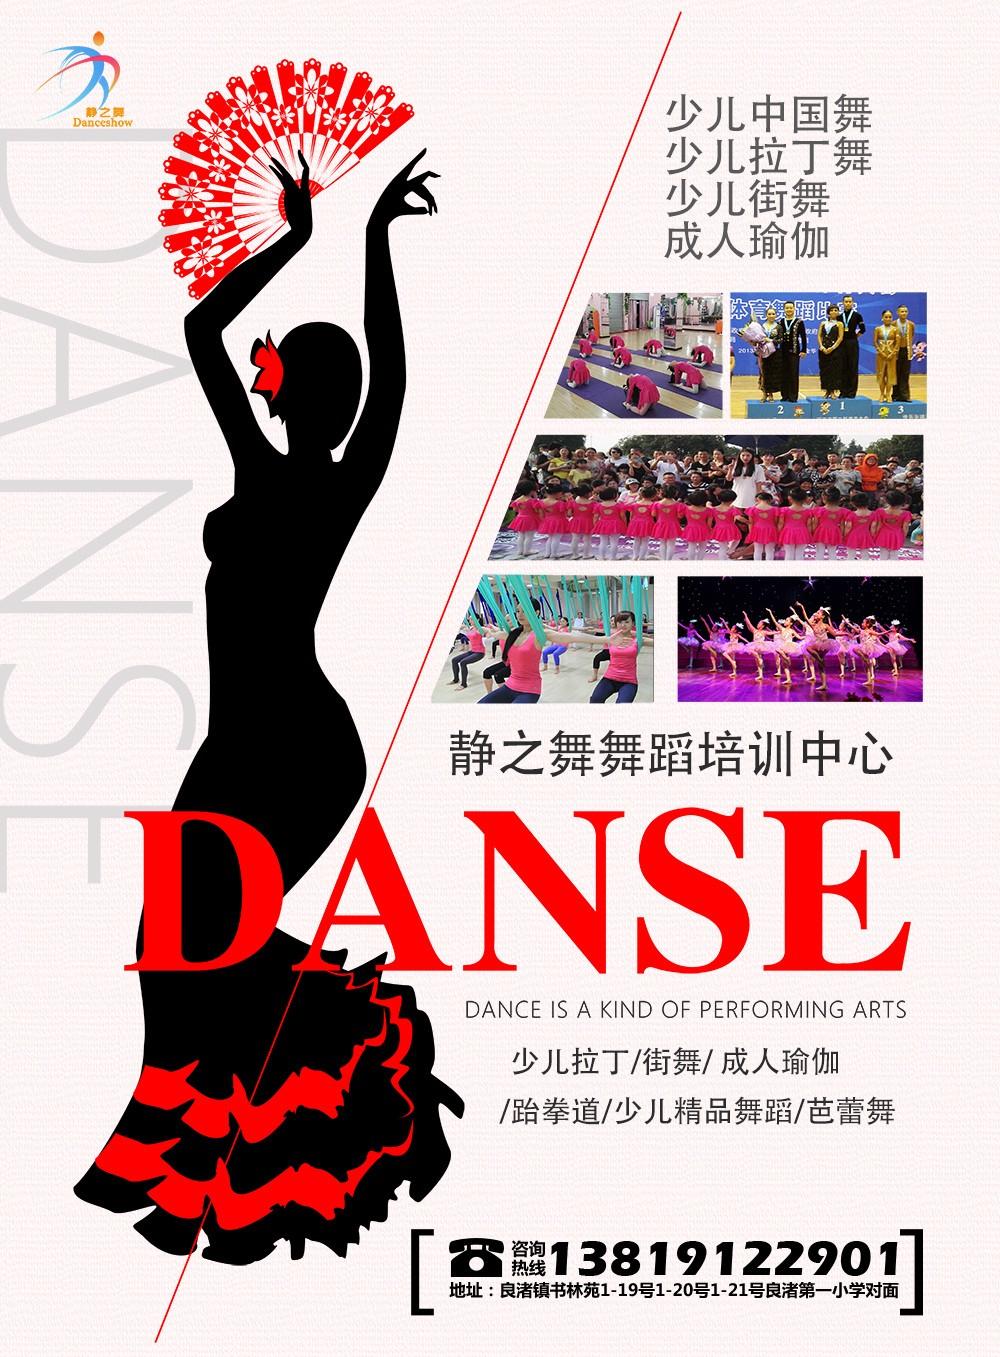 中国舞首图.jpg